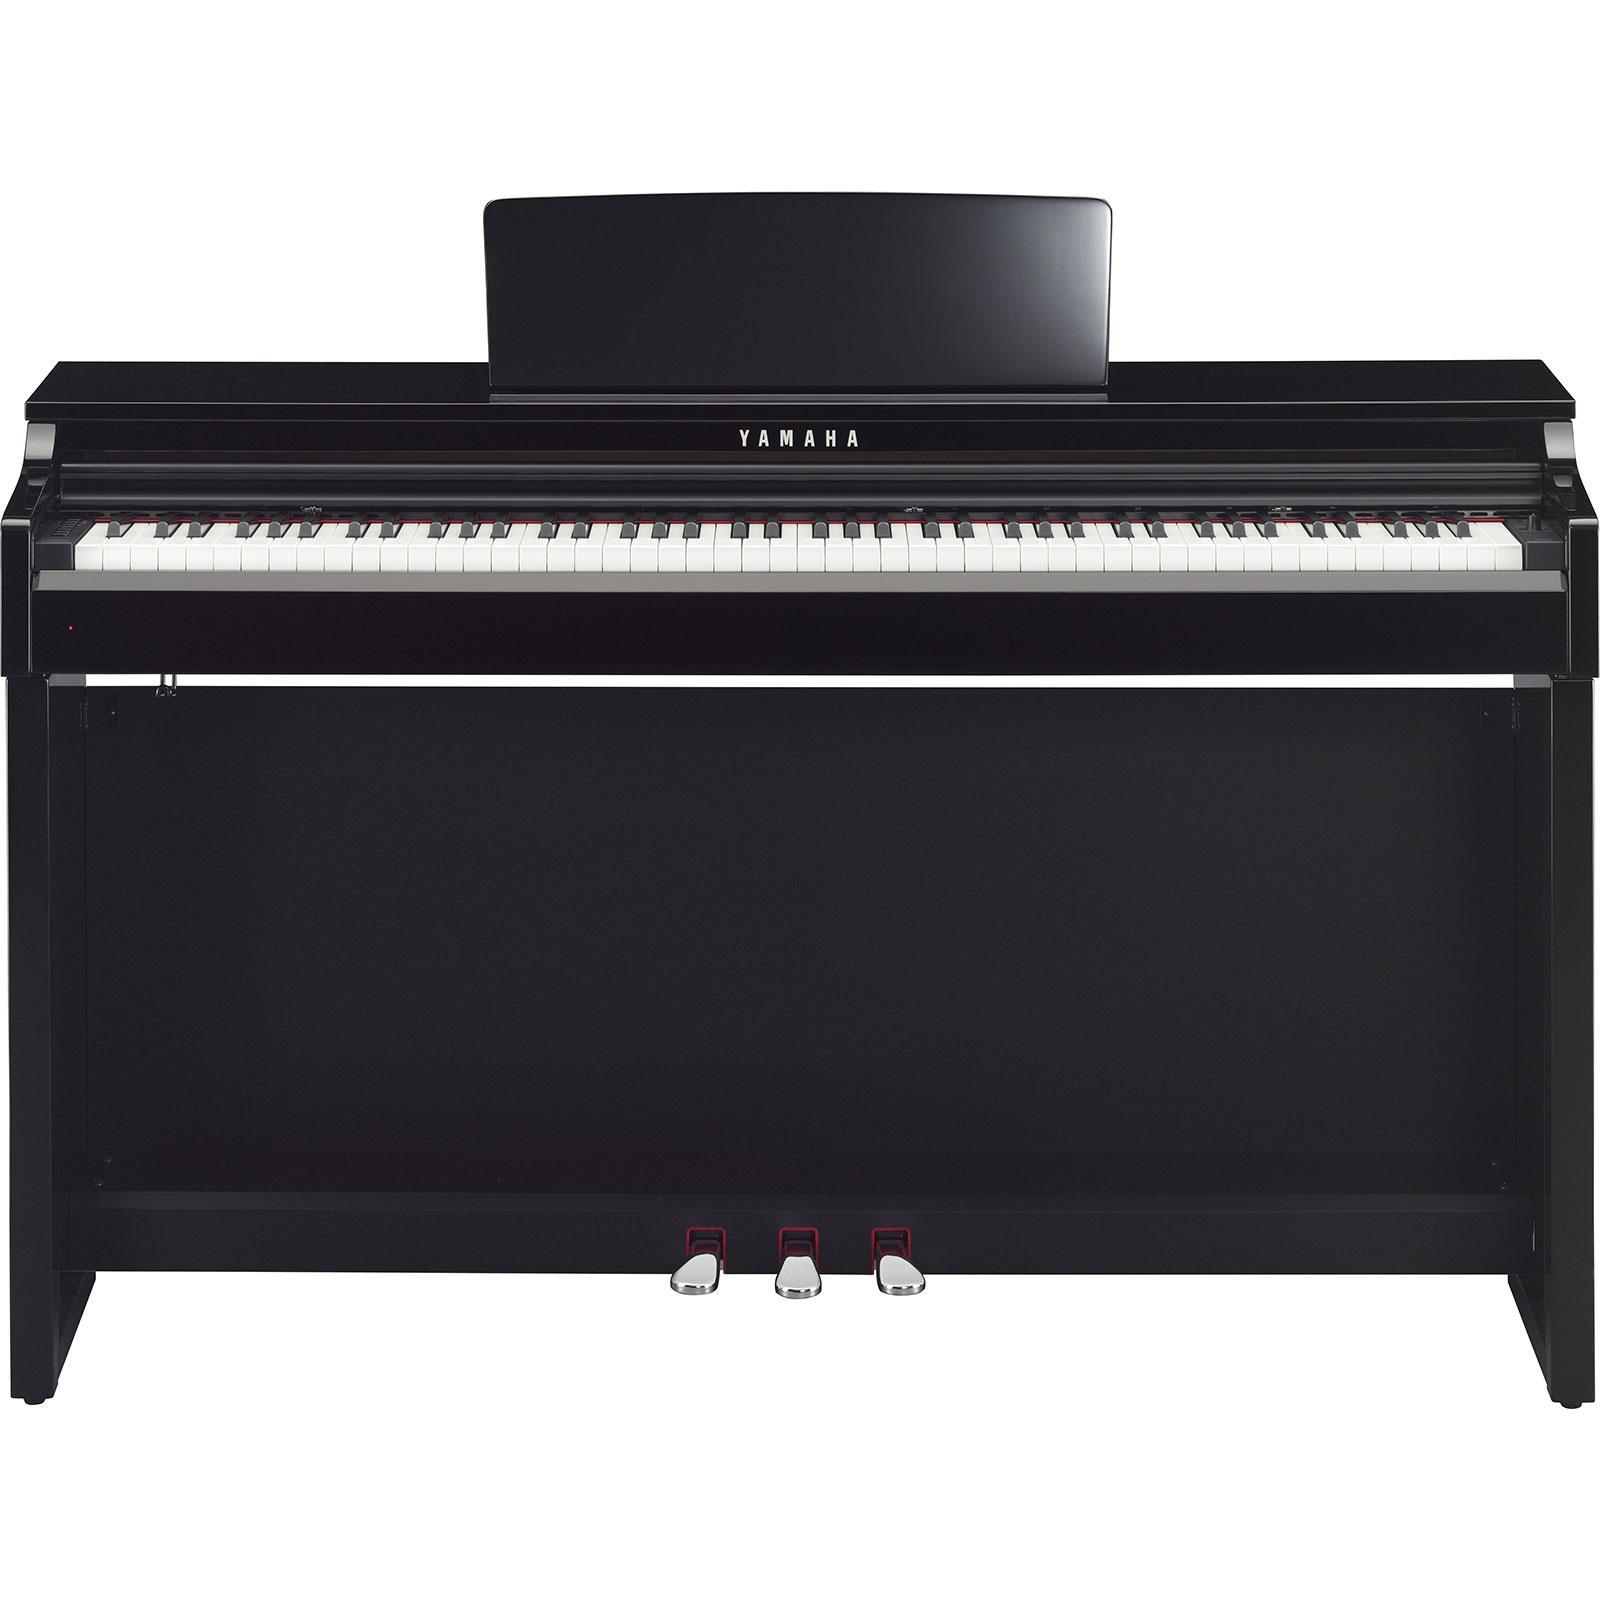 Yamaha clp 625 pe digitalpiano schwarz hochglanz for Yamaha clp 625